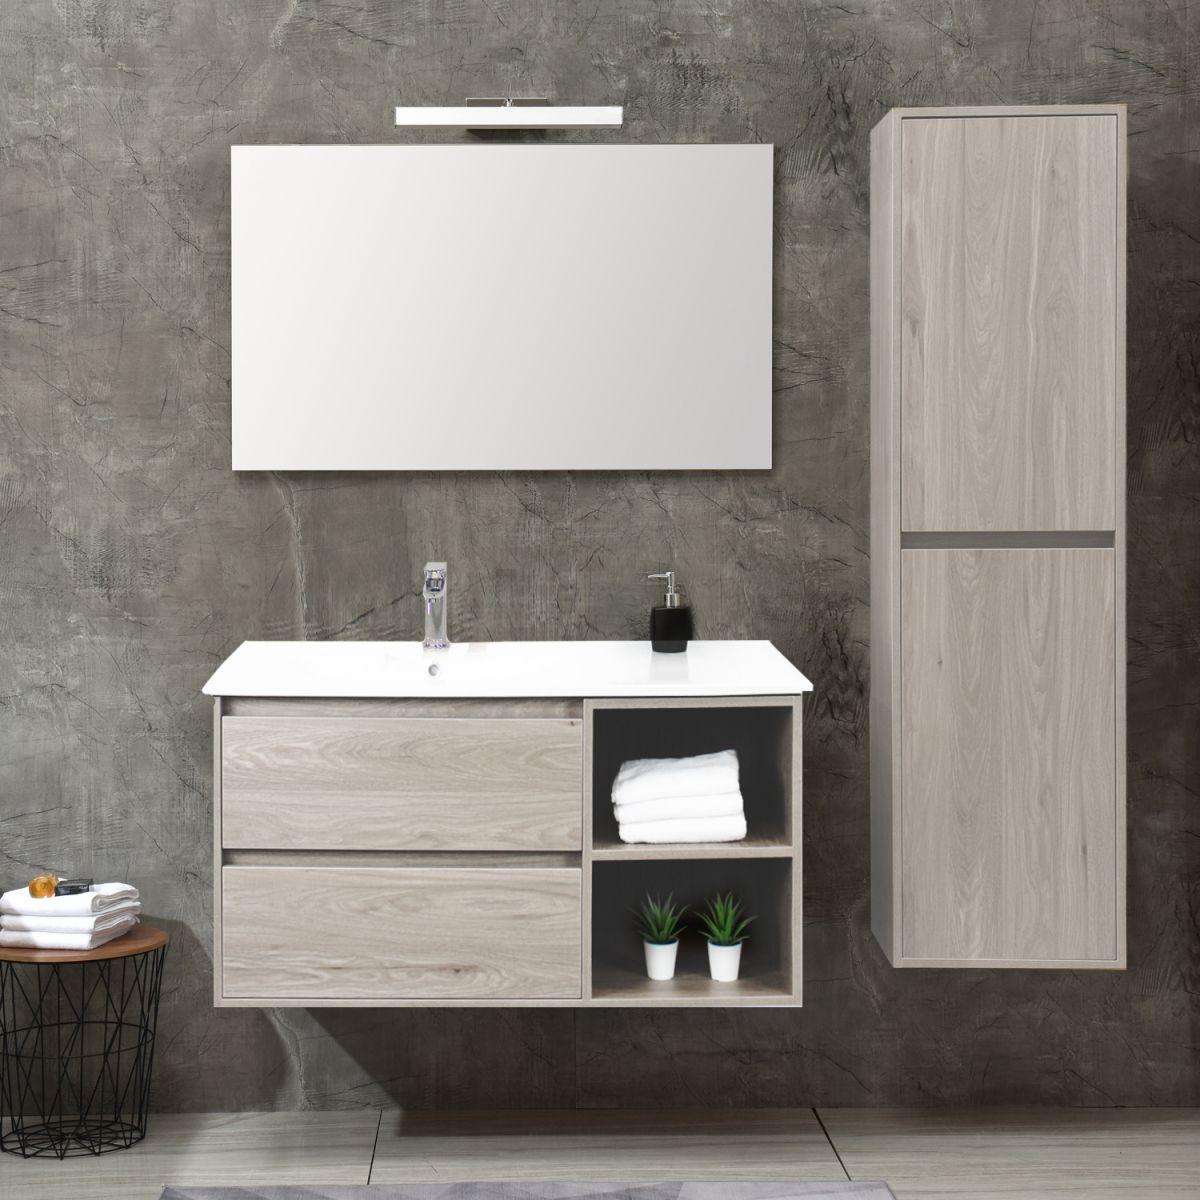 Londra Bianco 100cm Mobile bagno Londra sospeso 100 cm bianco effetto legno con lavabo specchio e pensile